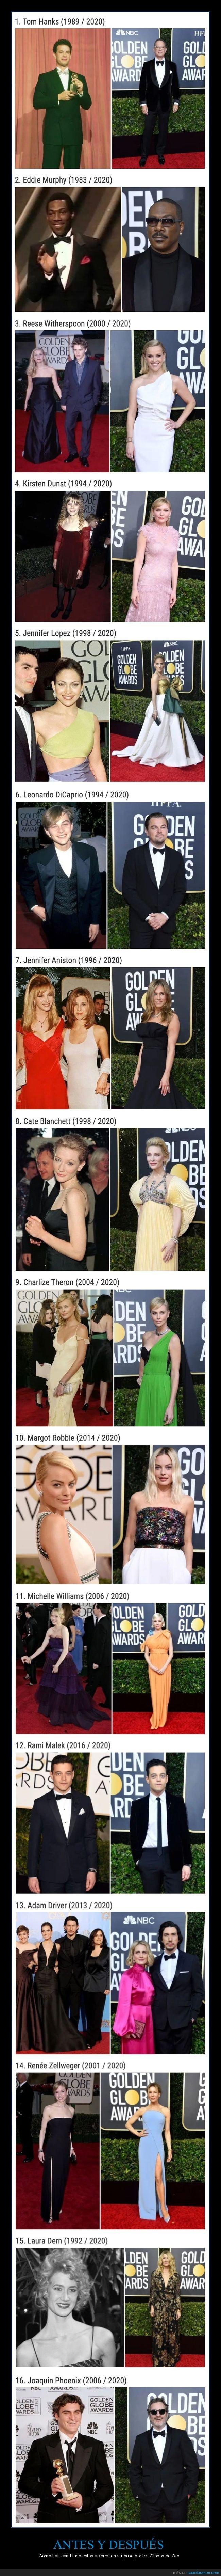 actores,antes,cambiar,después,globos de oro